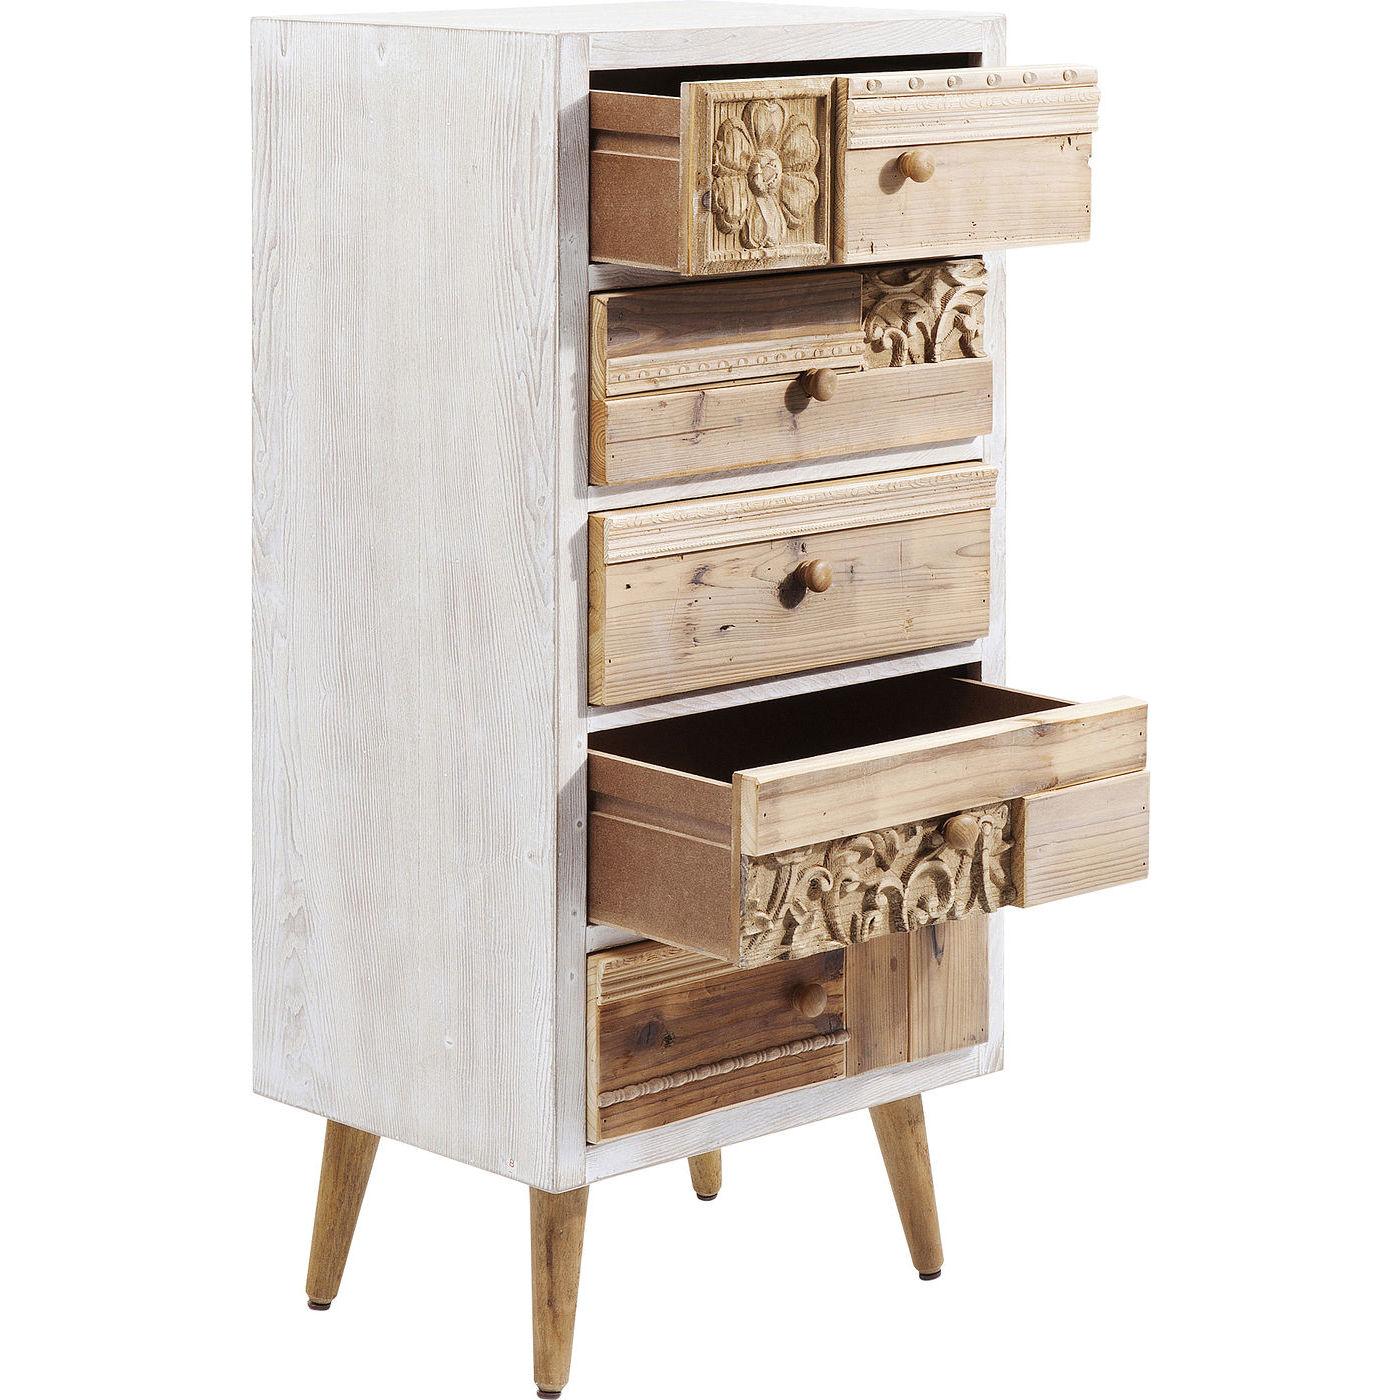 kare design davos kommode hvidt natur tr m 5 skuffer kommoder bobo m bler. Black Bedroom Furniture Sets. Home Design Ideas